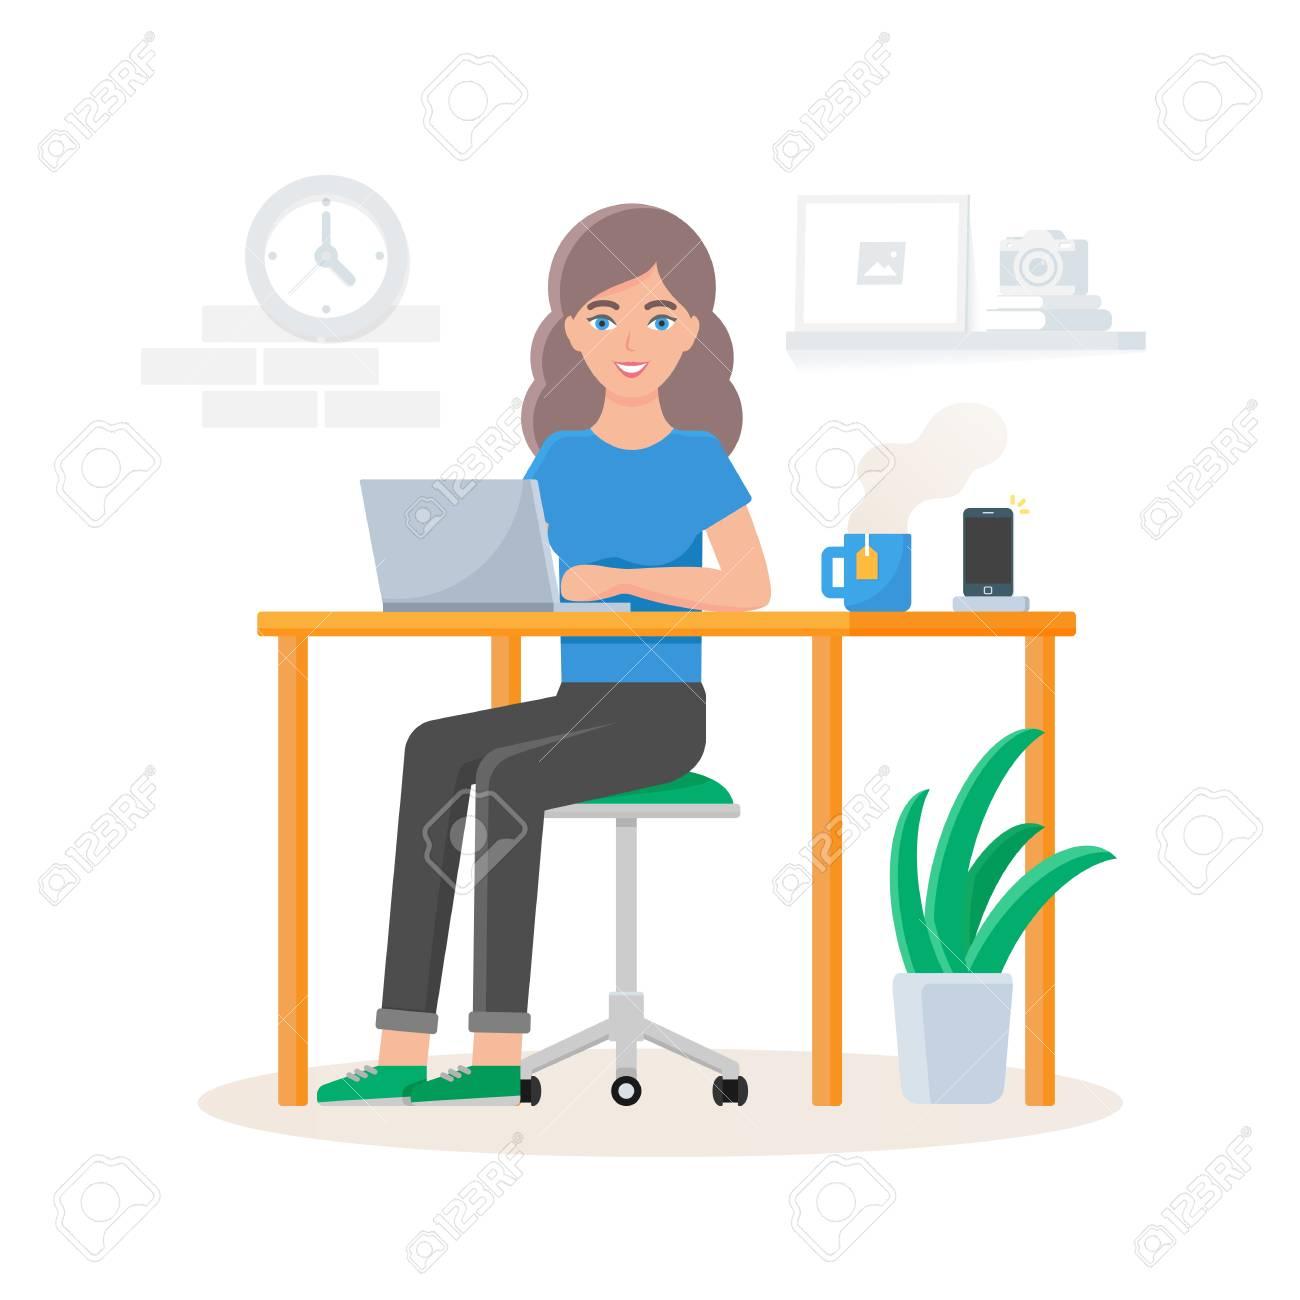 オフィスで働く女性のベクトル イラストのイラスト素材ベクタ Image